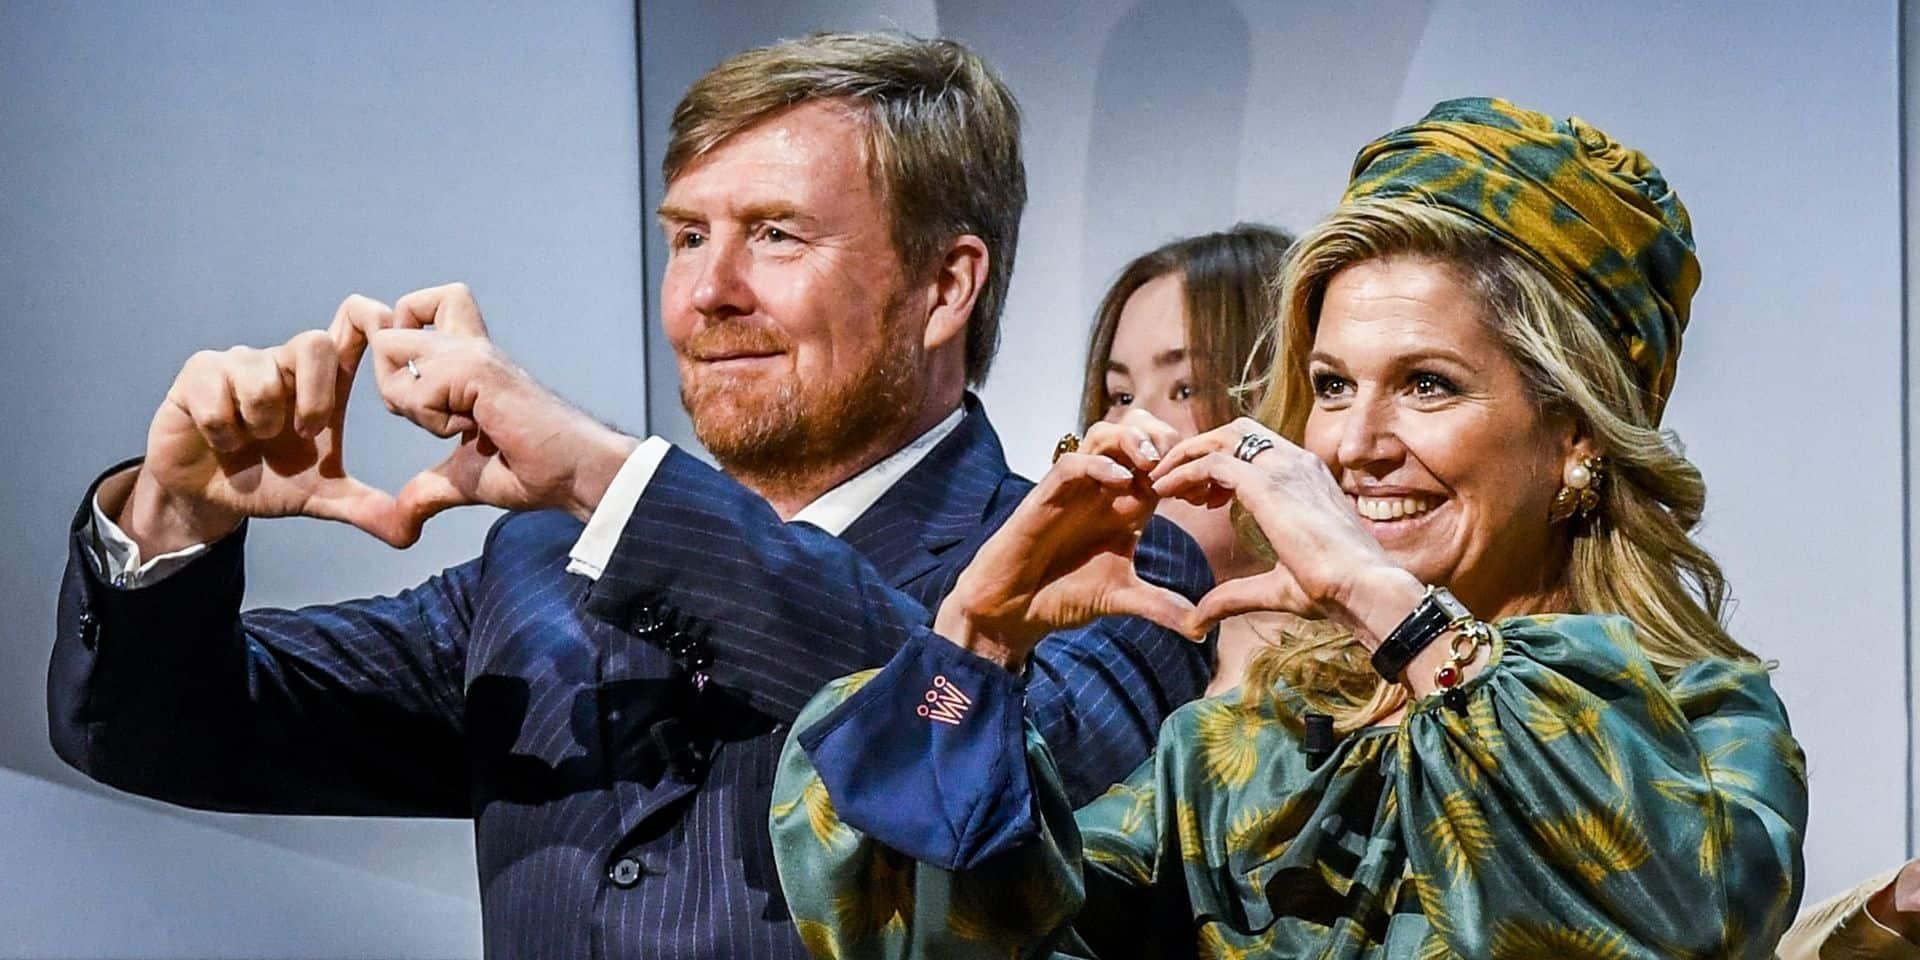 Maxima s'inspire de la reine Mathilde pour la fête nationale des Pays-Bas